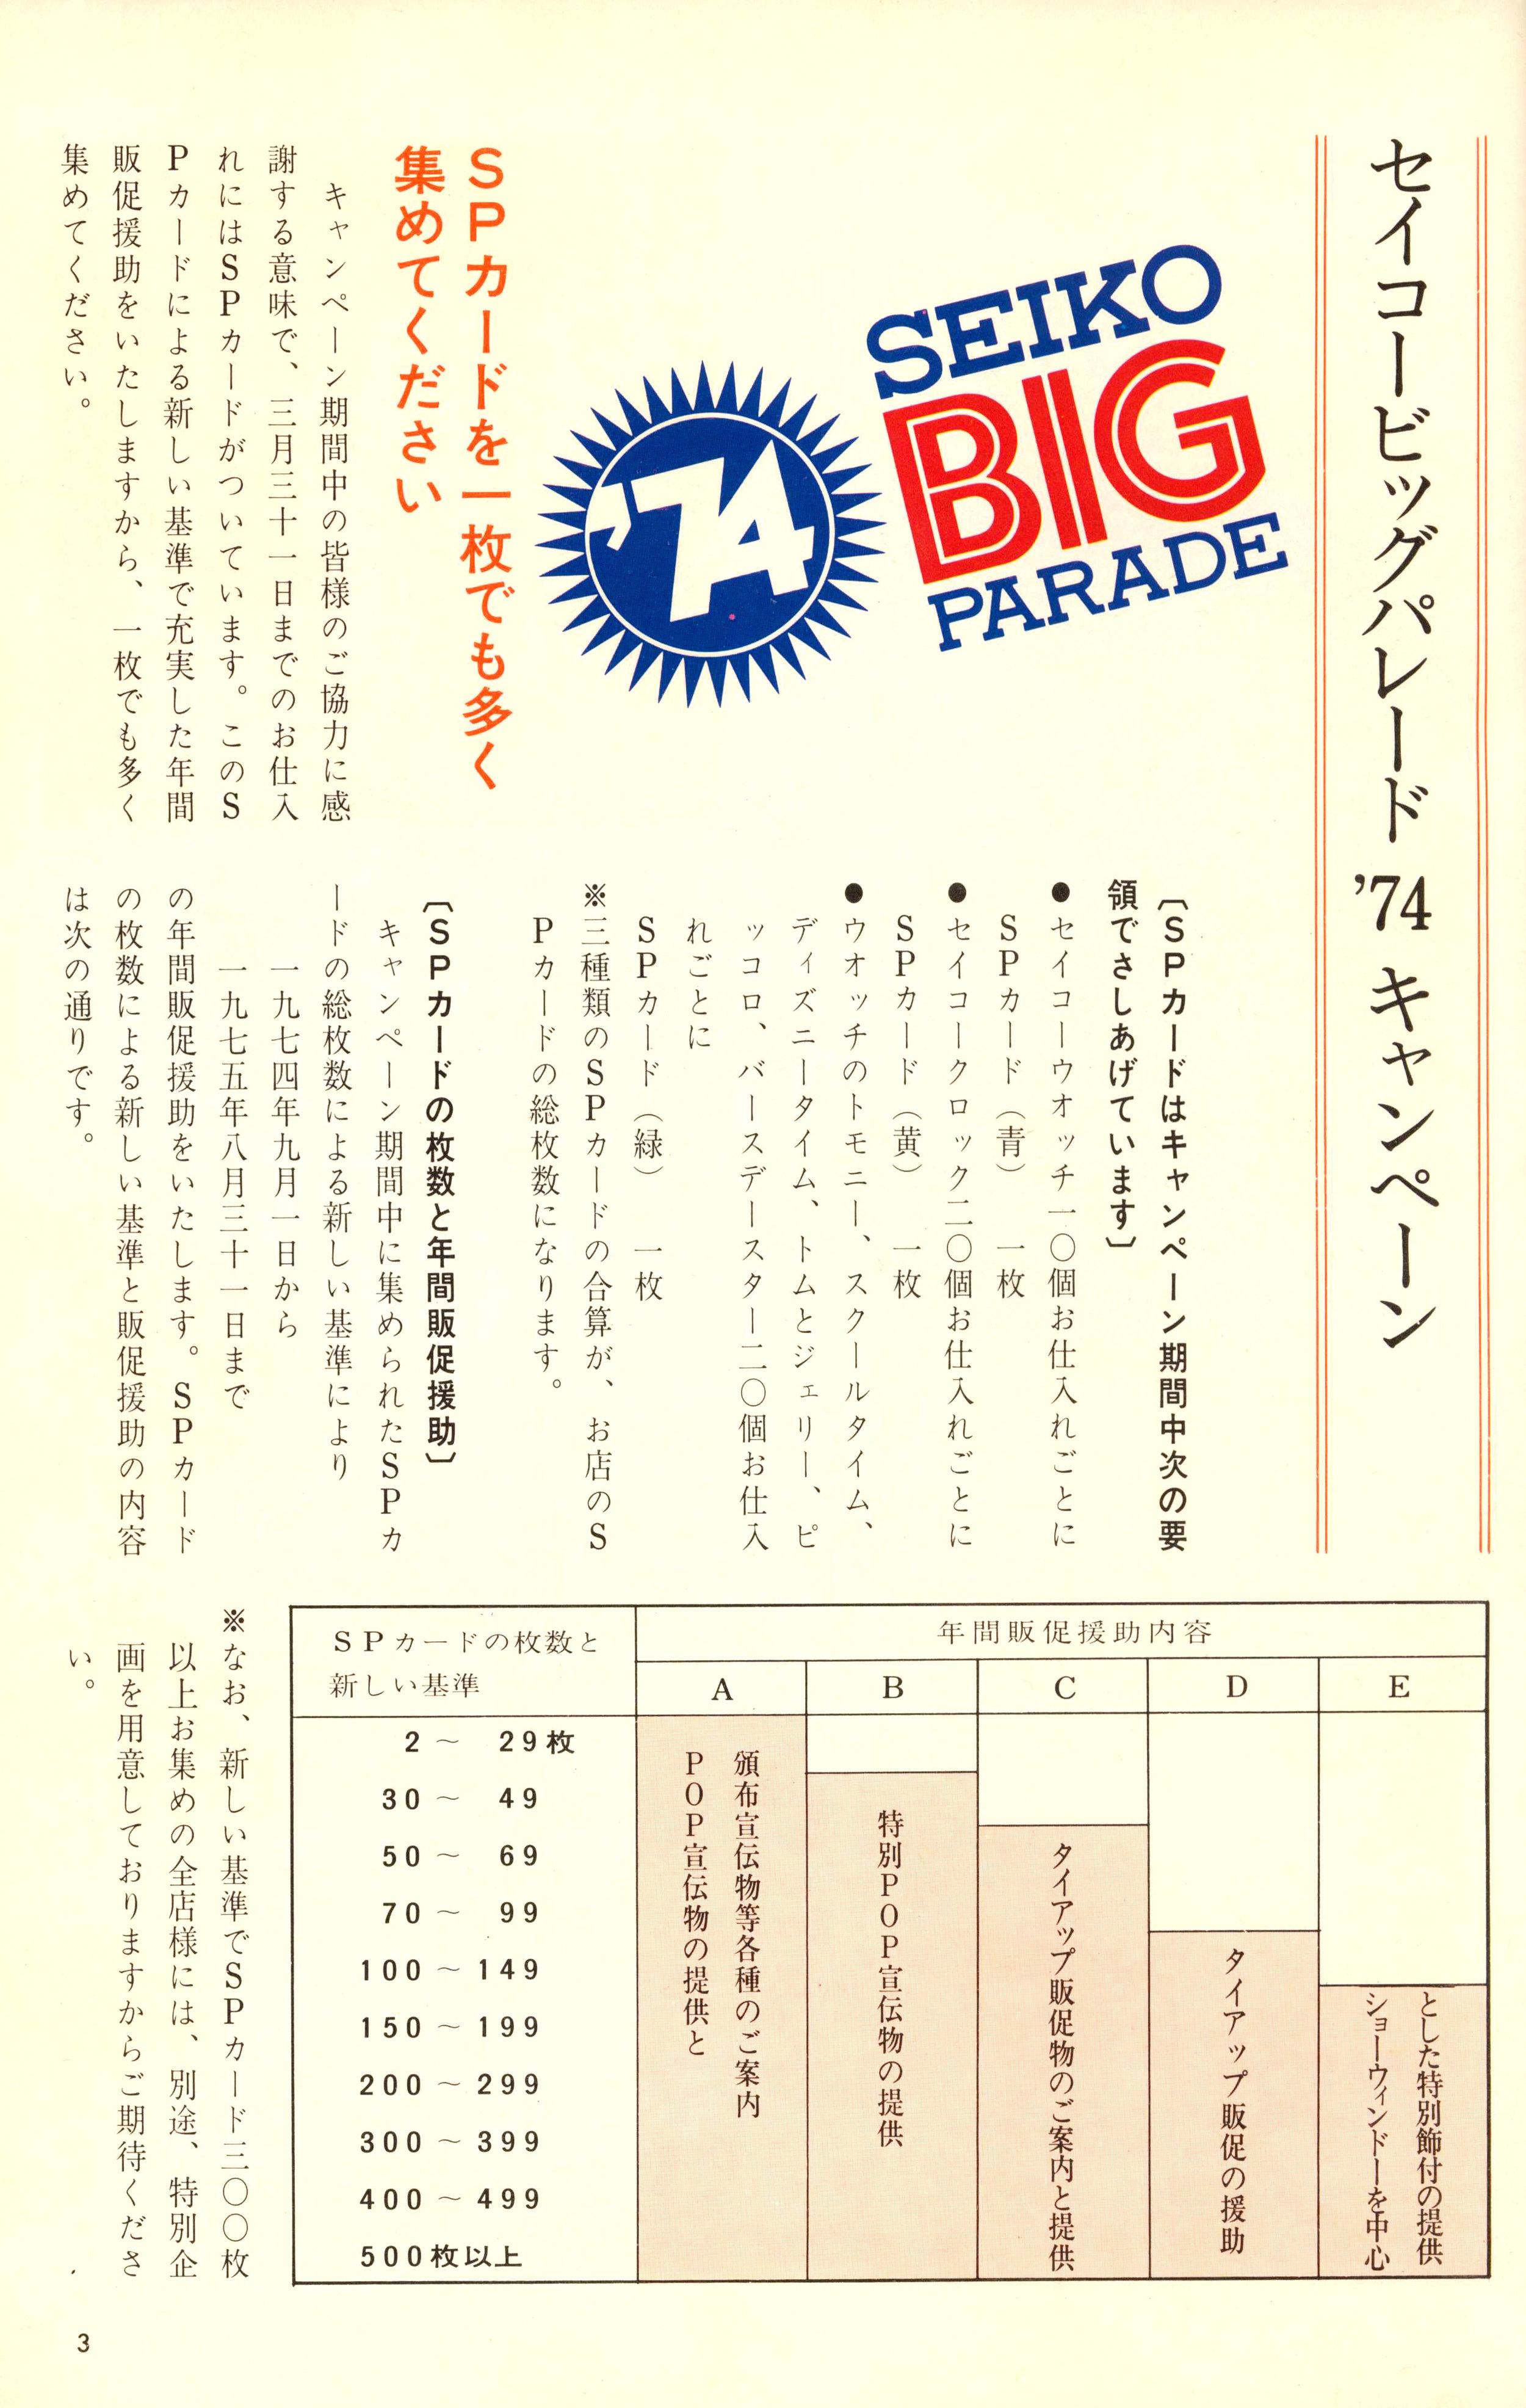 Seiko Big Parade Campaign